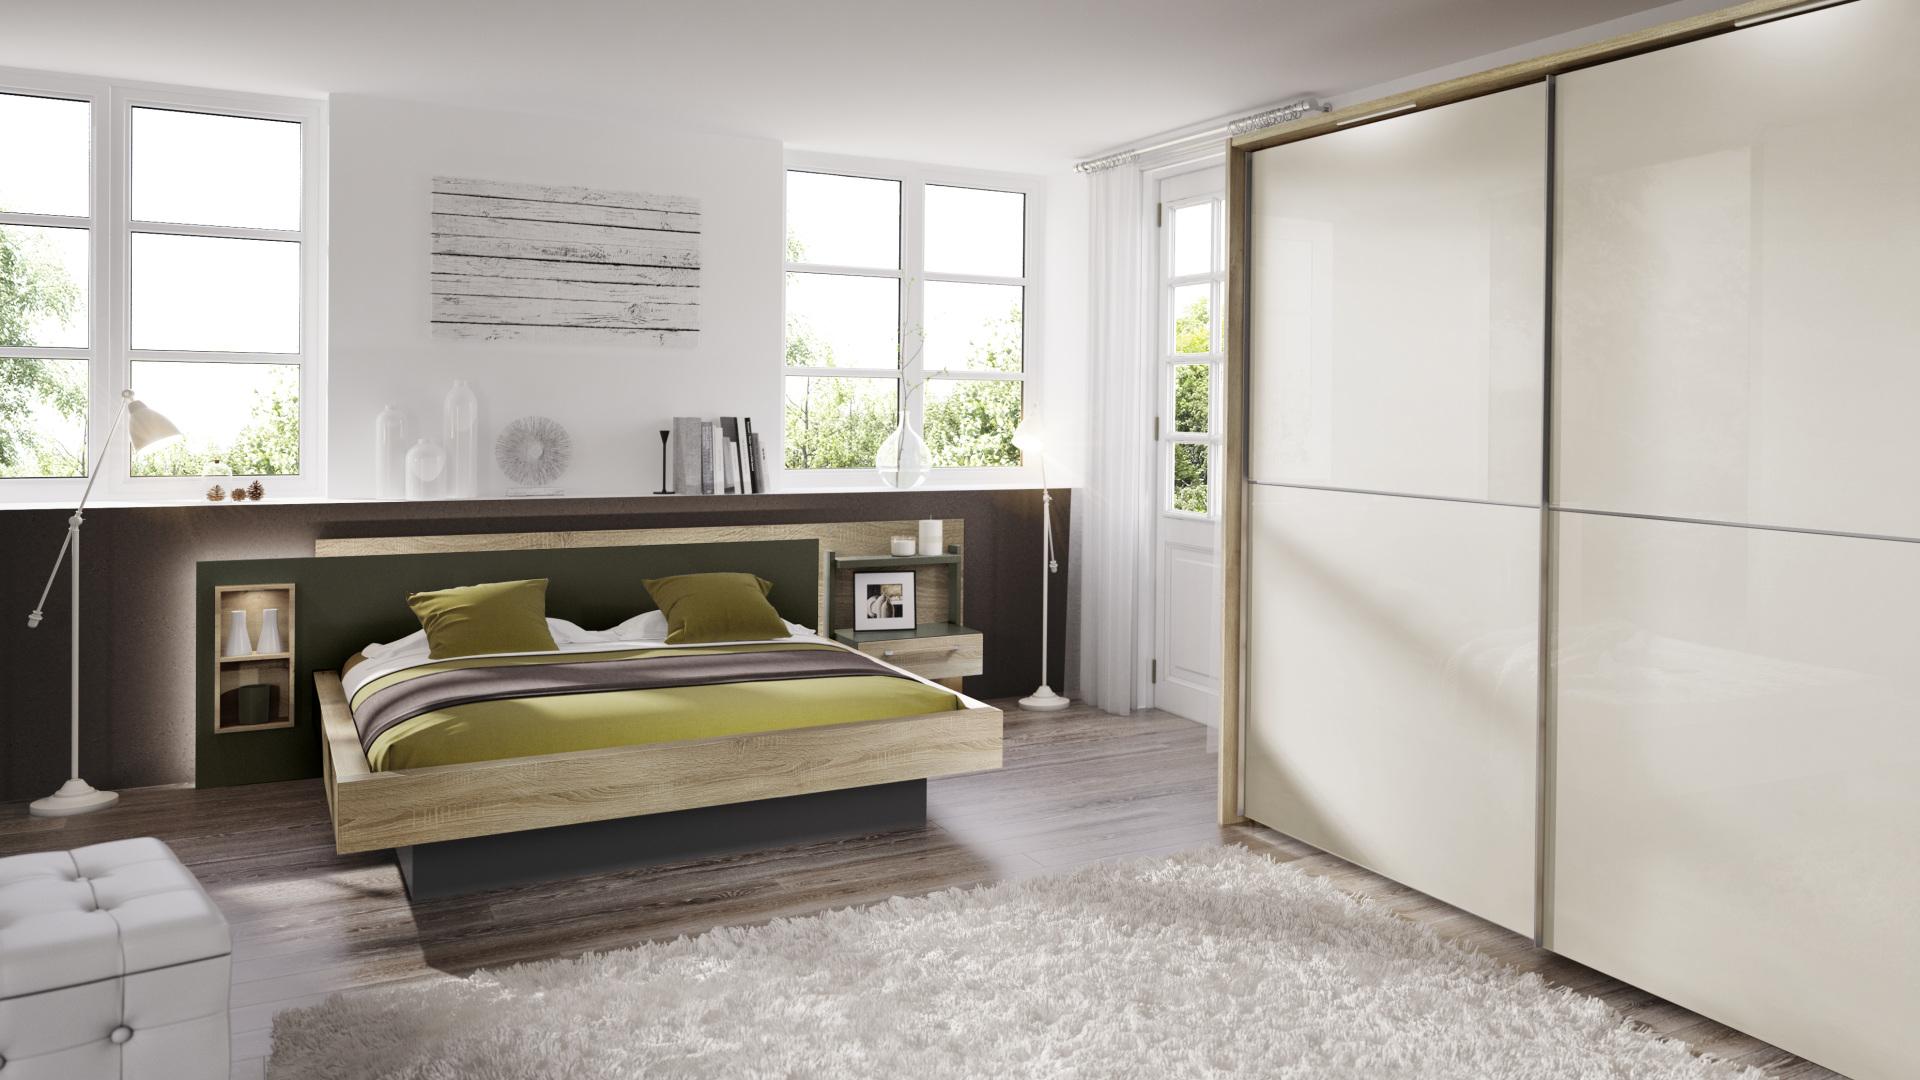 elegancka sypialnia z meblami wyprodukowanymi przez nolte